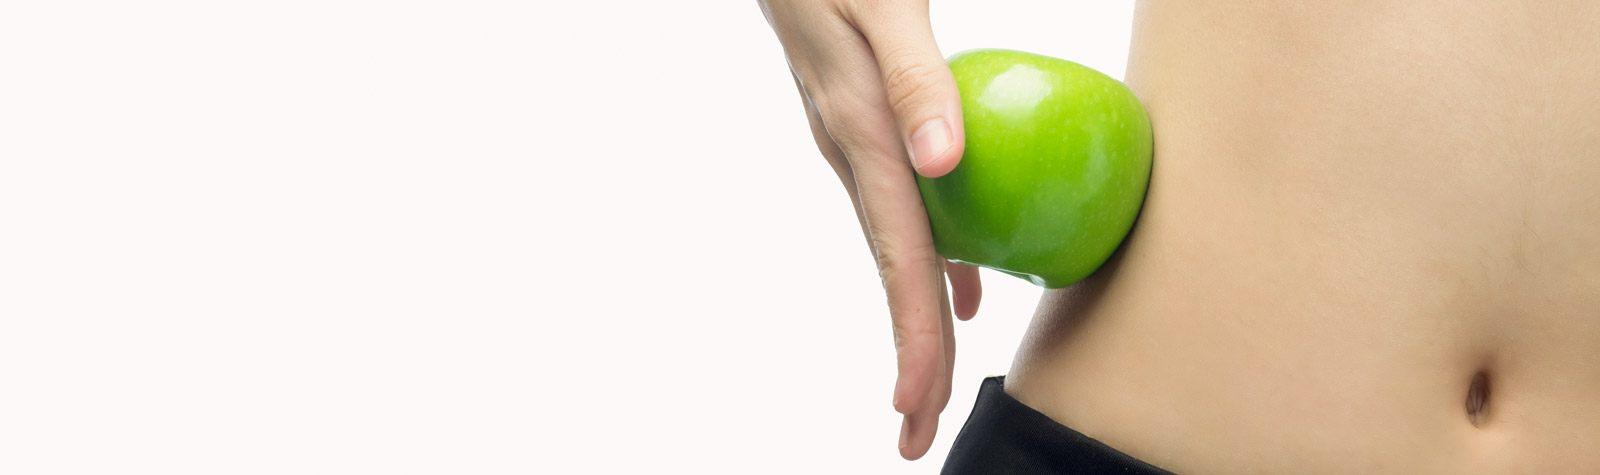 Prawidłowa mikrobiota przewodu pokarmowego jako czynnik wspomagający profilaktykę i leczenie zaparć.